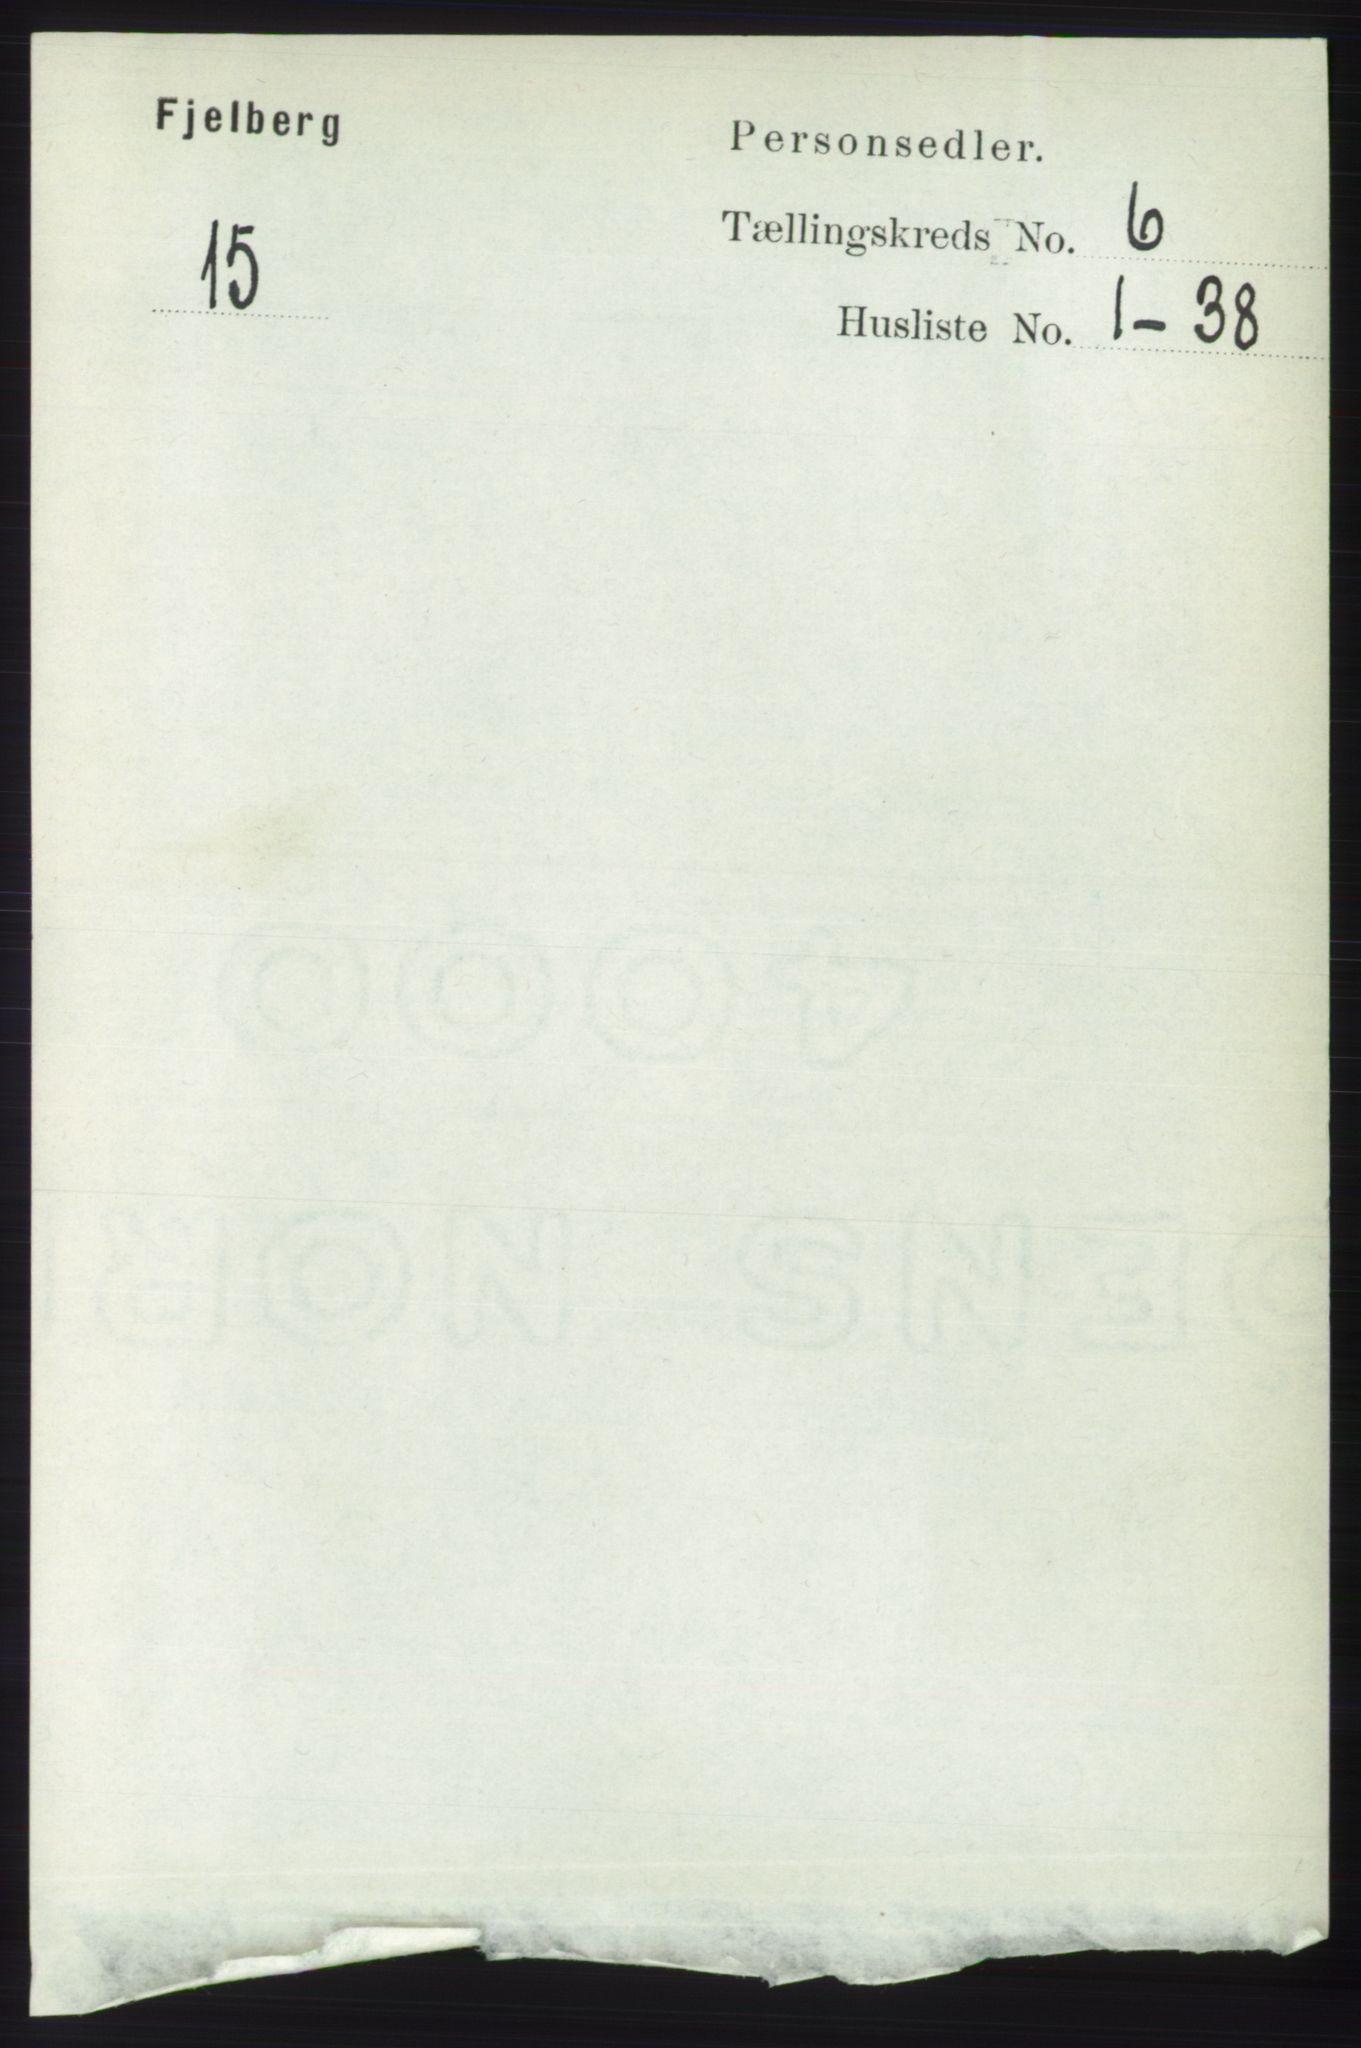 RA, Folketelling 1891 for 1213 Fjelberg herred, 1891, s. 1950